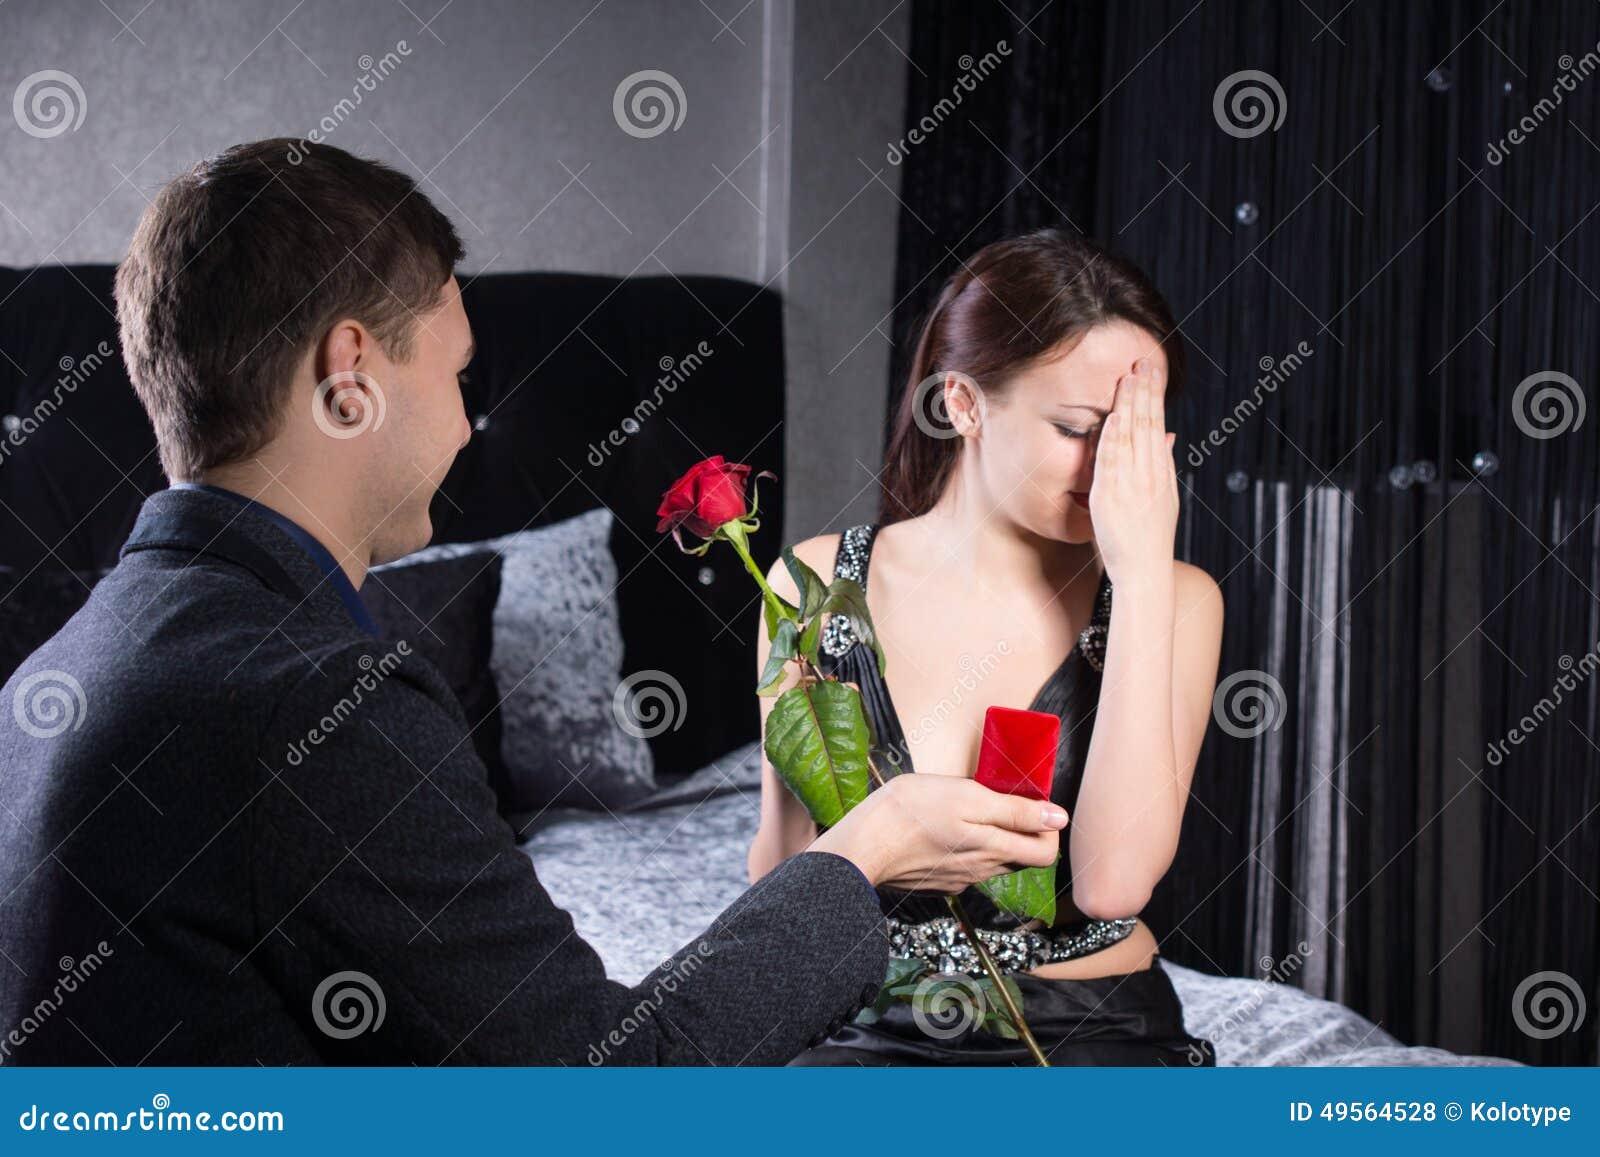 Девушка предлагает себя мужчине смотреть онлайн, зрелые голые китаянки фото